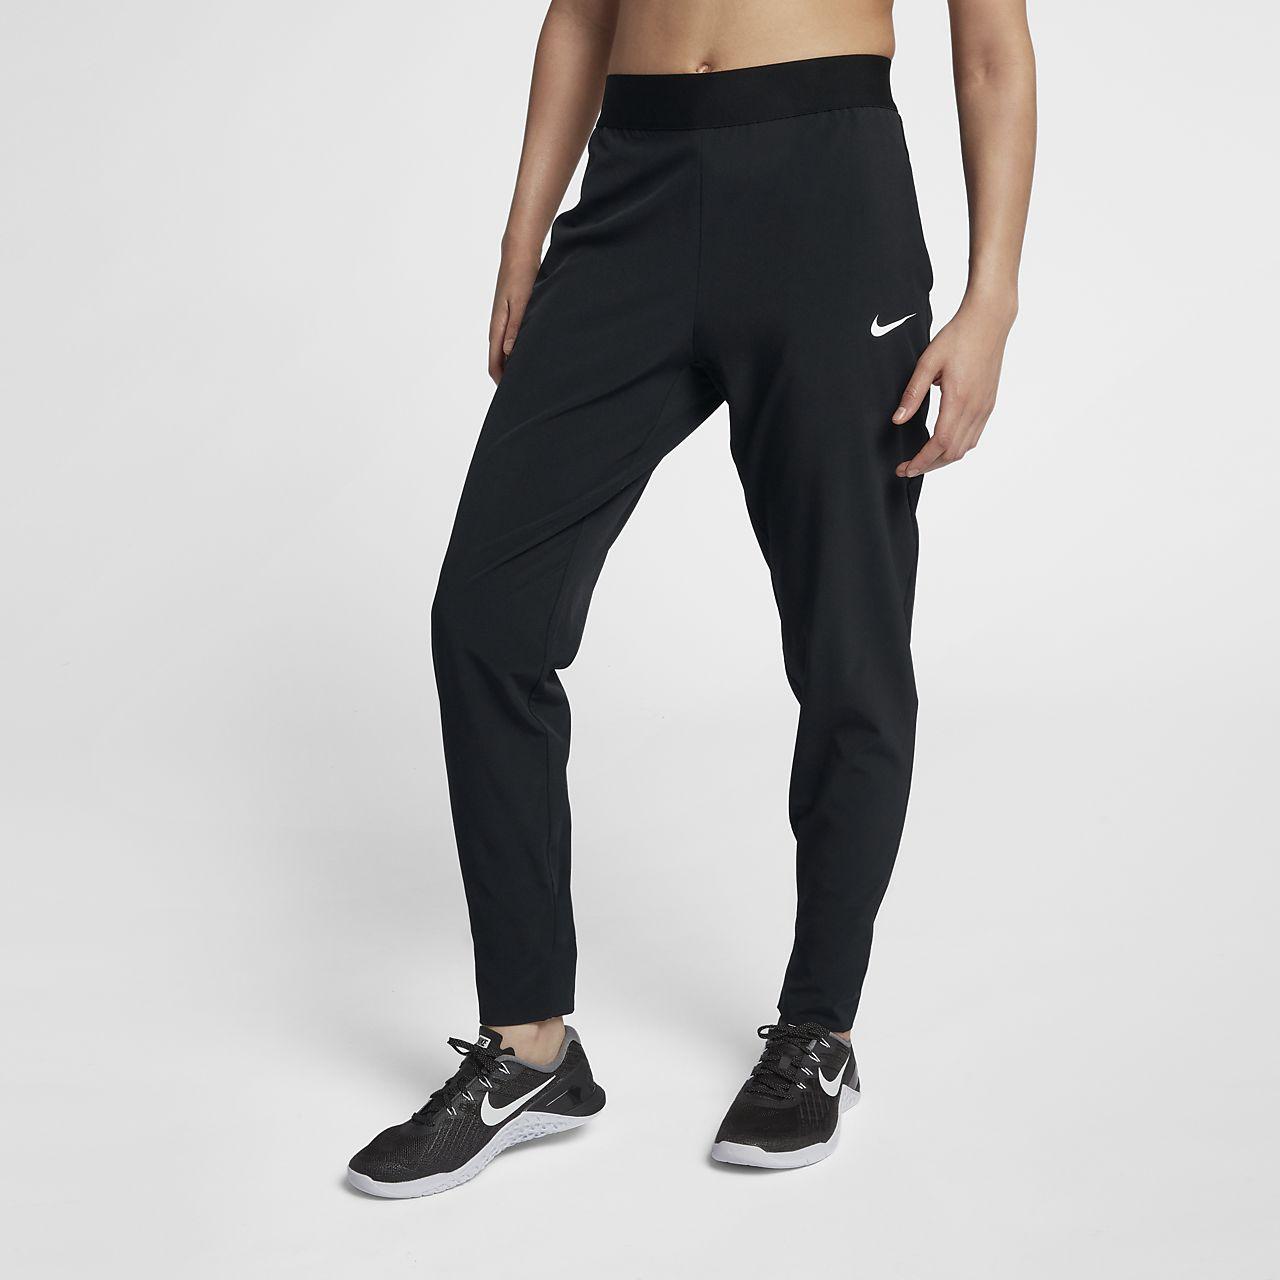 0f22c5bd Low Resolution Nike Bliss Women's Training Trousers Nike Bliss Women's  Training Trousers